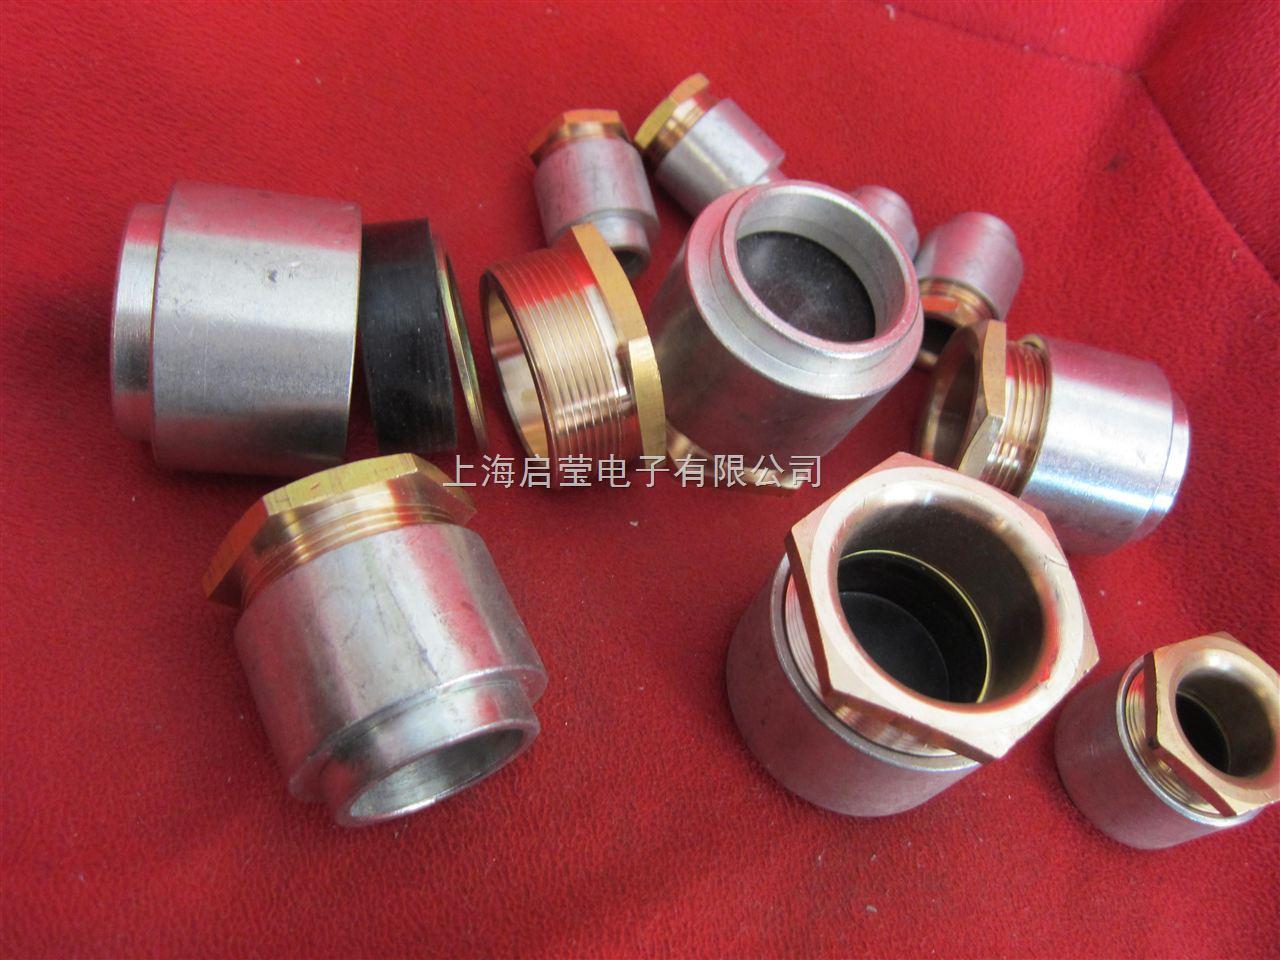 焊接式填料函焊接式电缆填料函焊接式船用填料函焊接式金属填料函